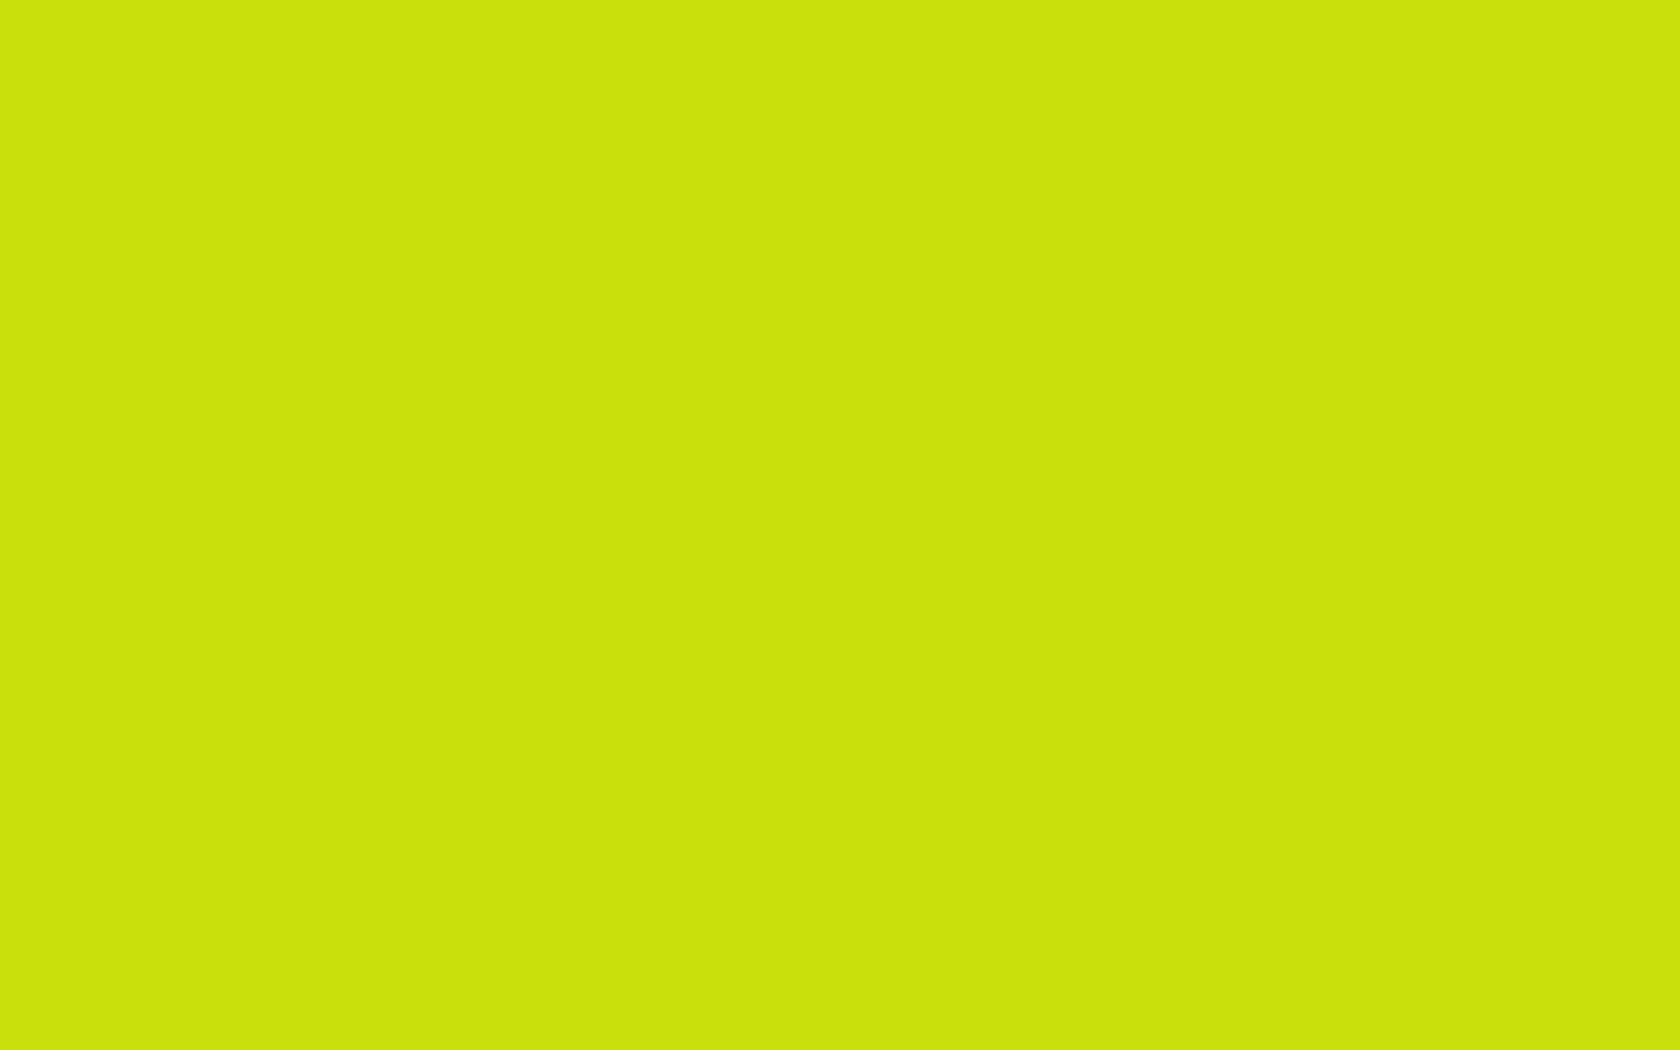 1680x1050 Bitter Lemon Solid Color Background